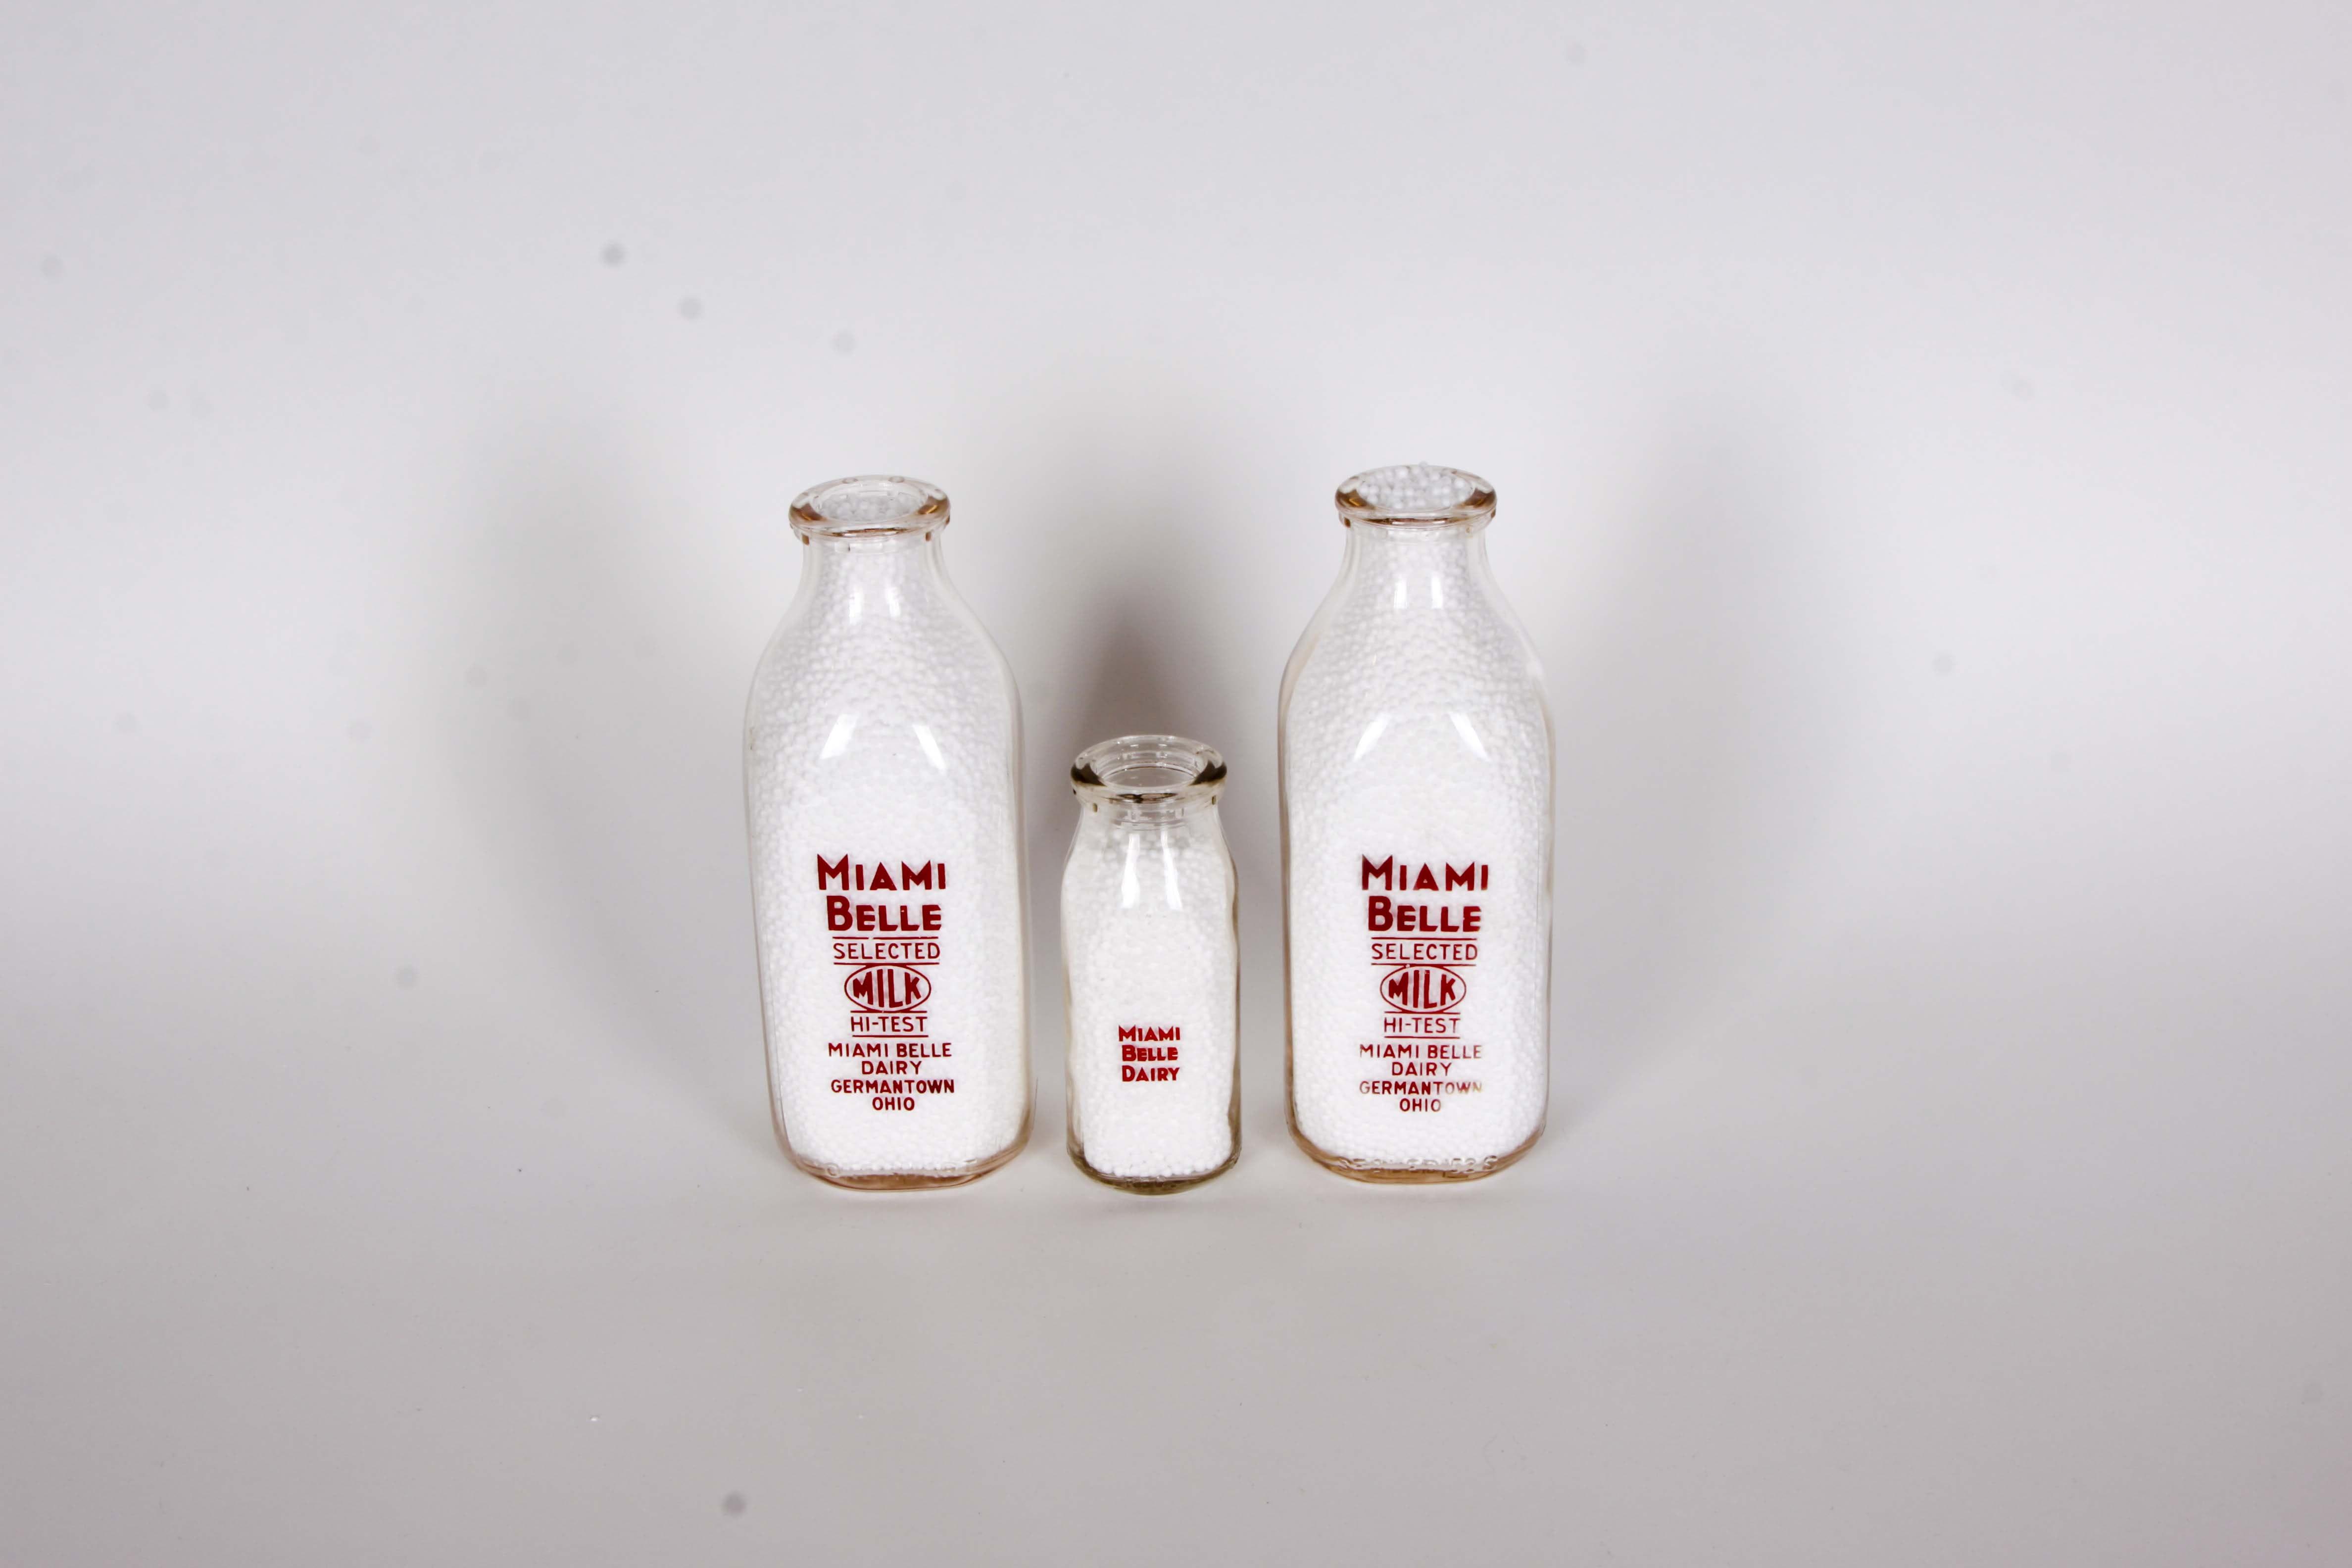 Miami Belle Dairy Milk Bottles